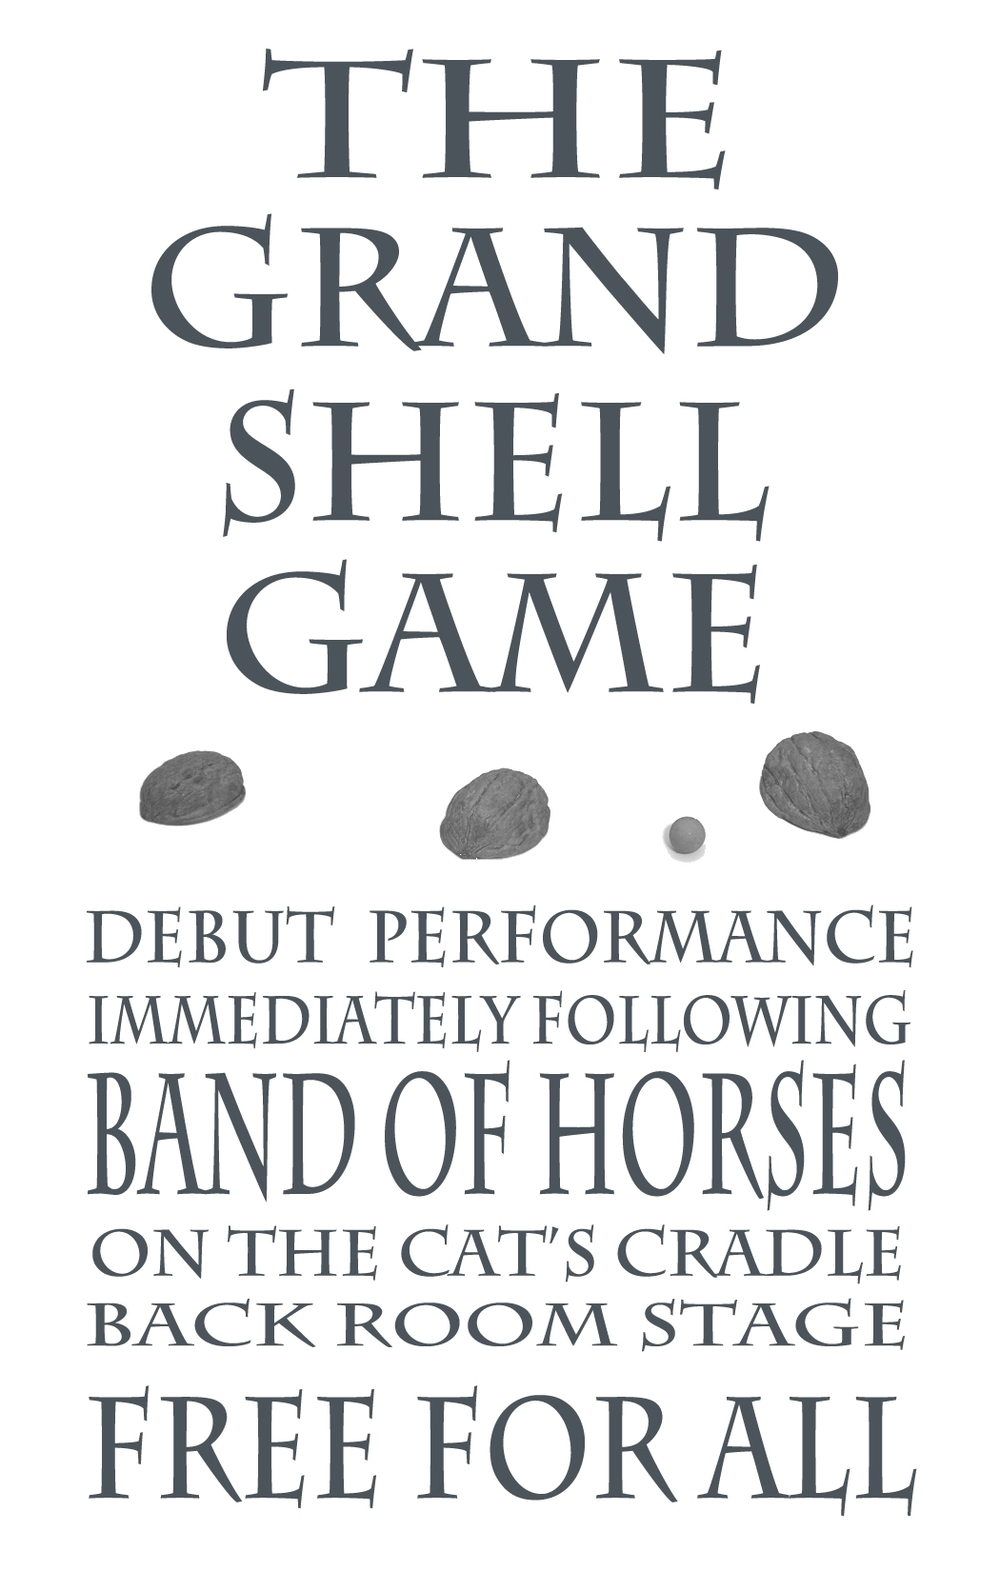 cat's cradle - 6/18/14